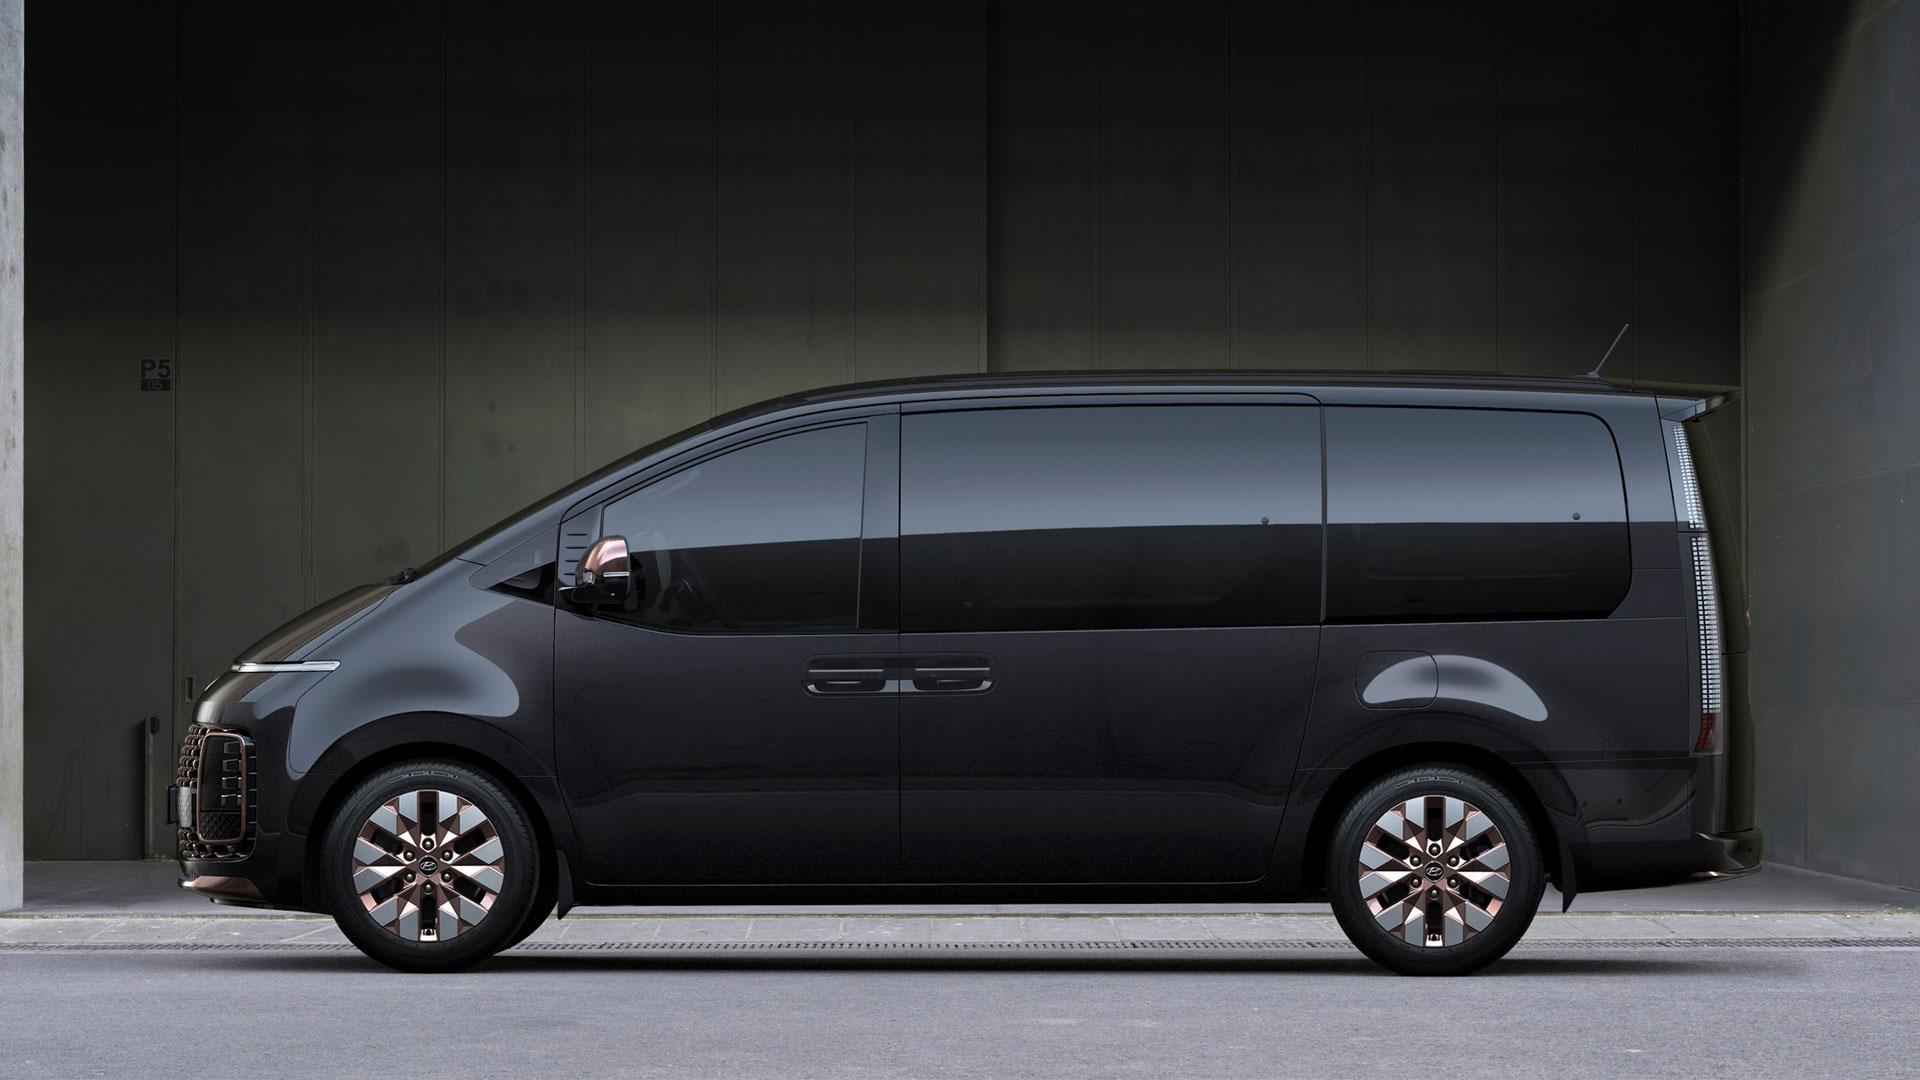 The Hyundai Staria profile